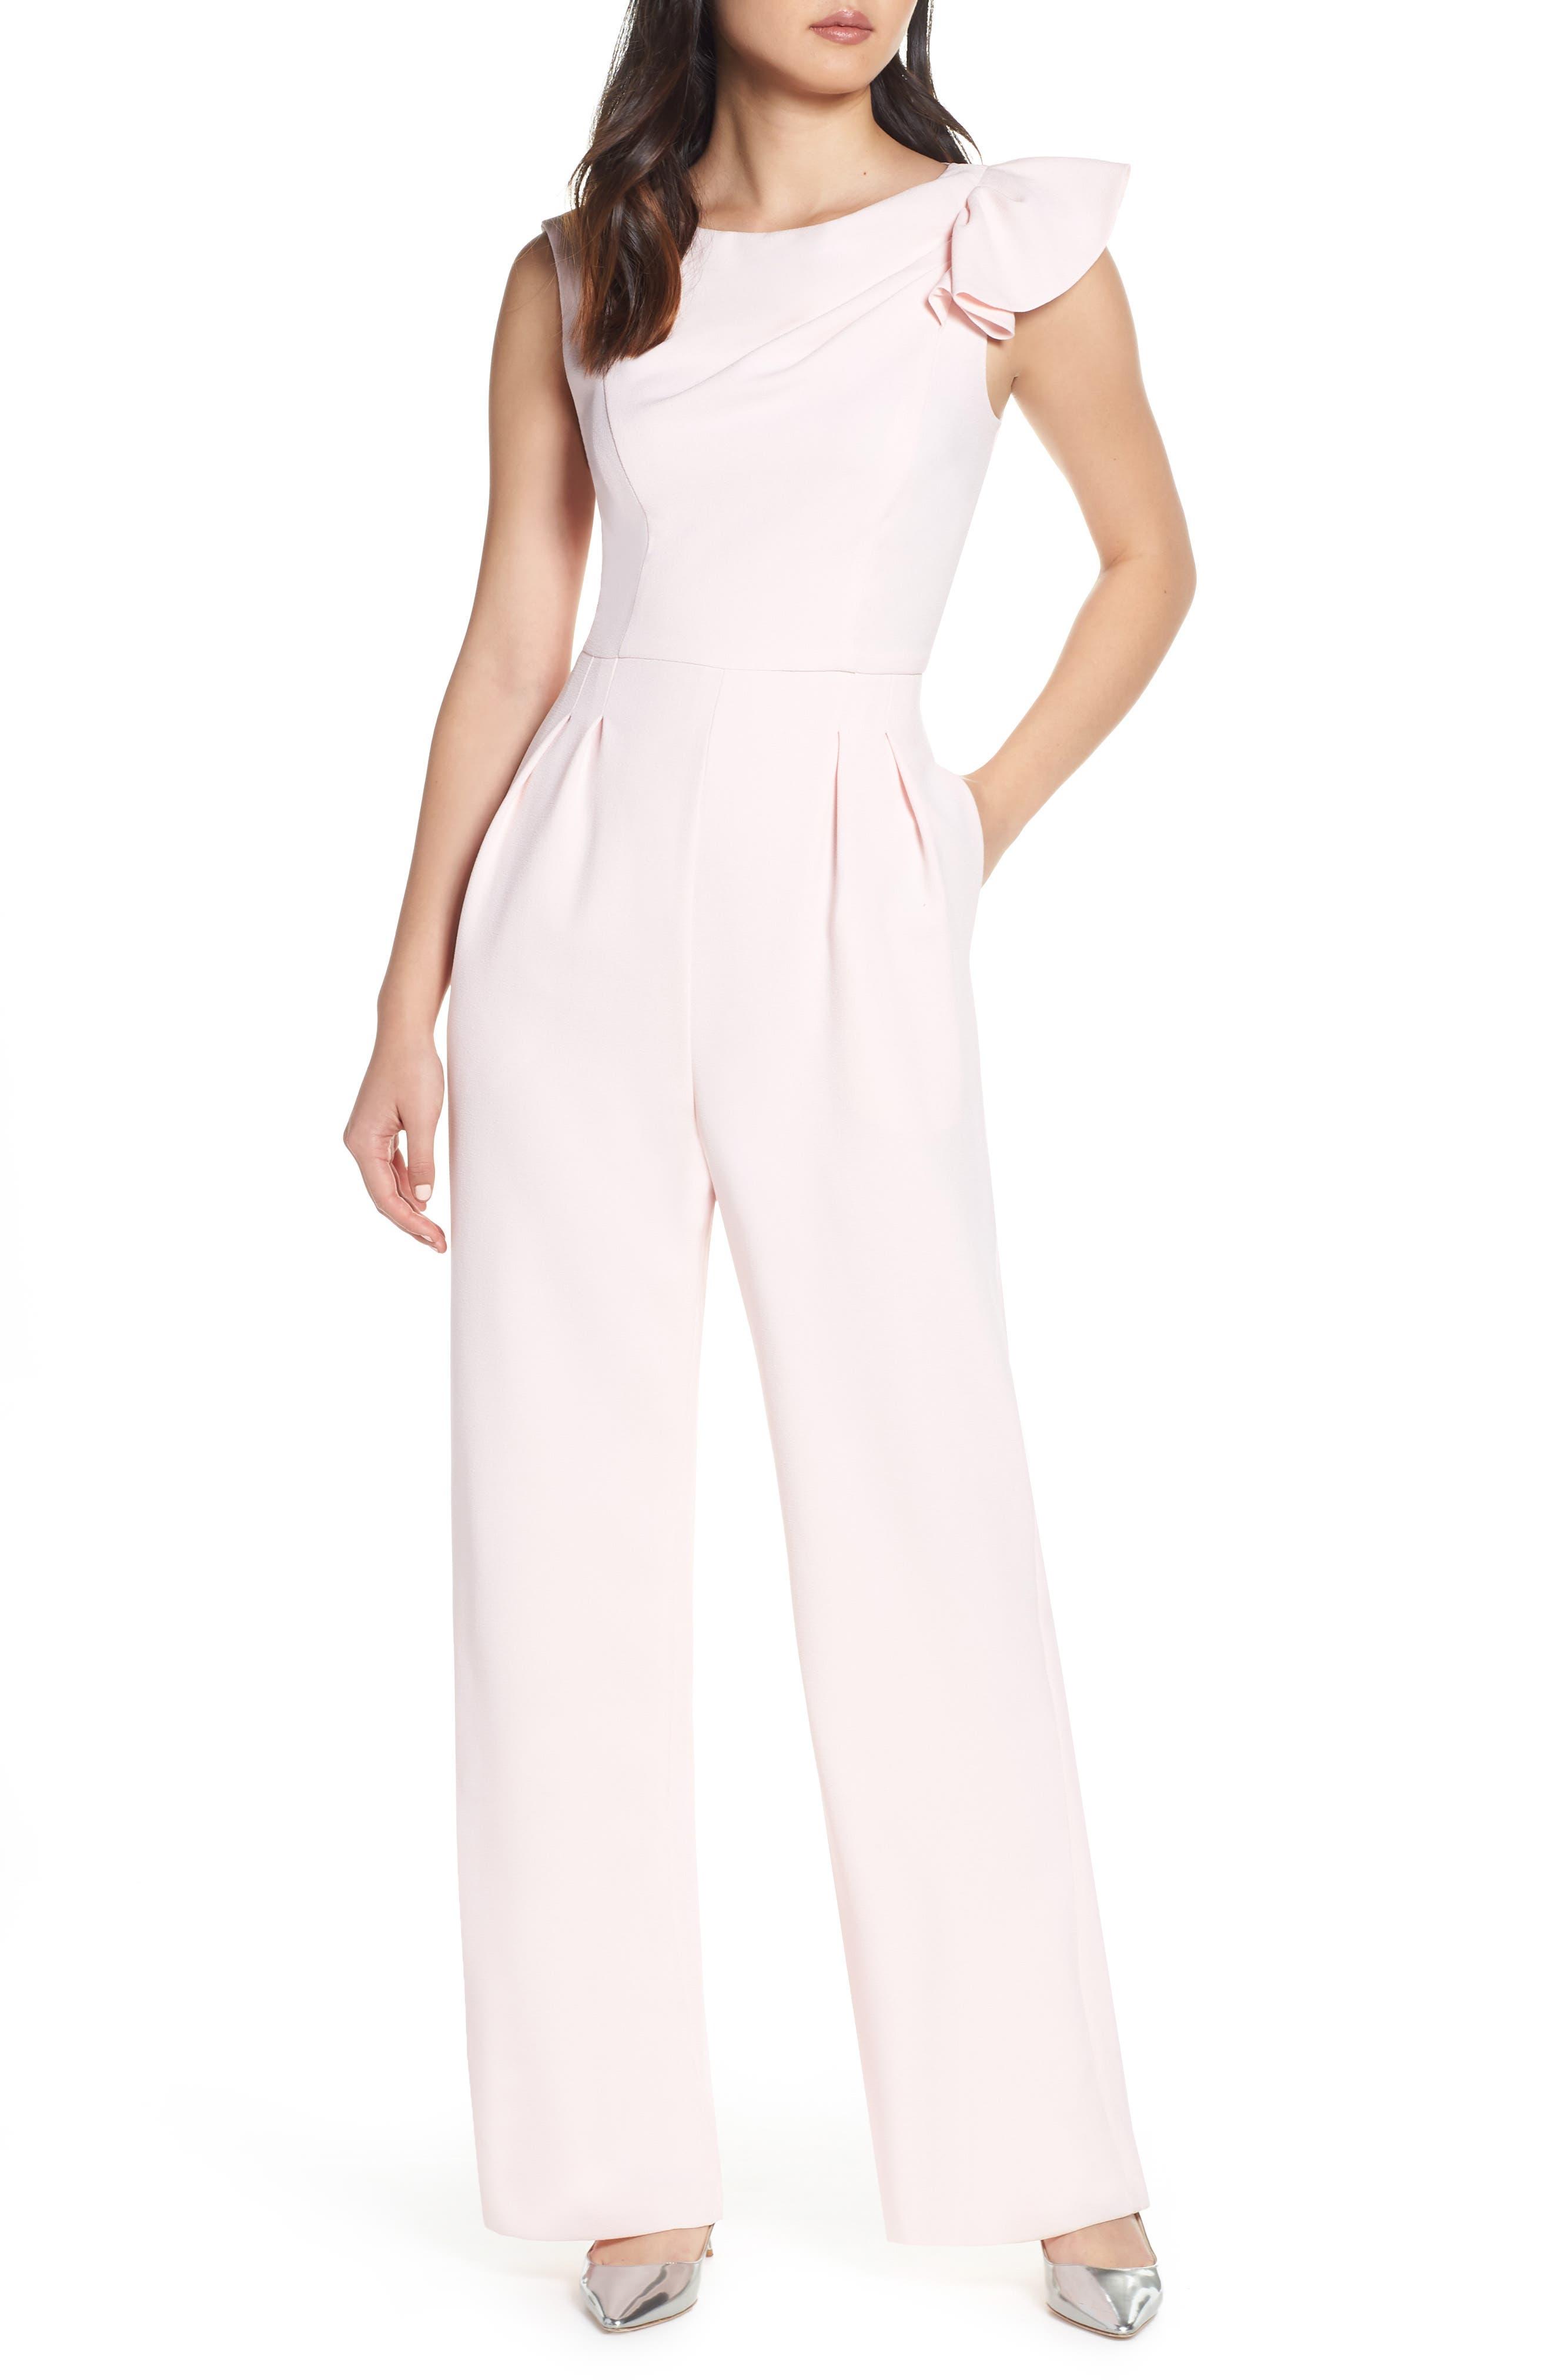 HARPER ROSE Asymmetrical Jumpsuit, Main, color, BLUSH